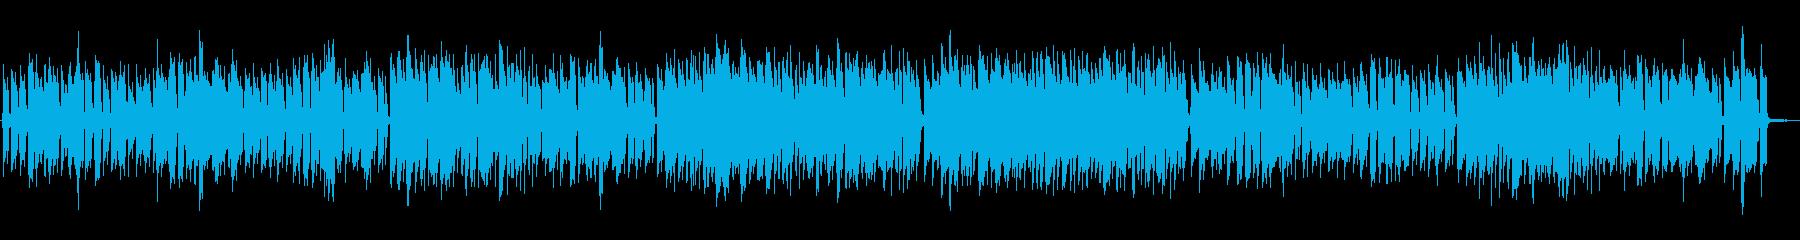 ピアノ・トリオNo.5/伴奏のみの再生済みの波形